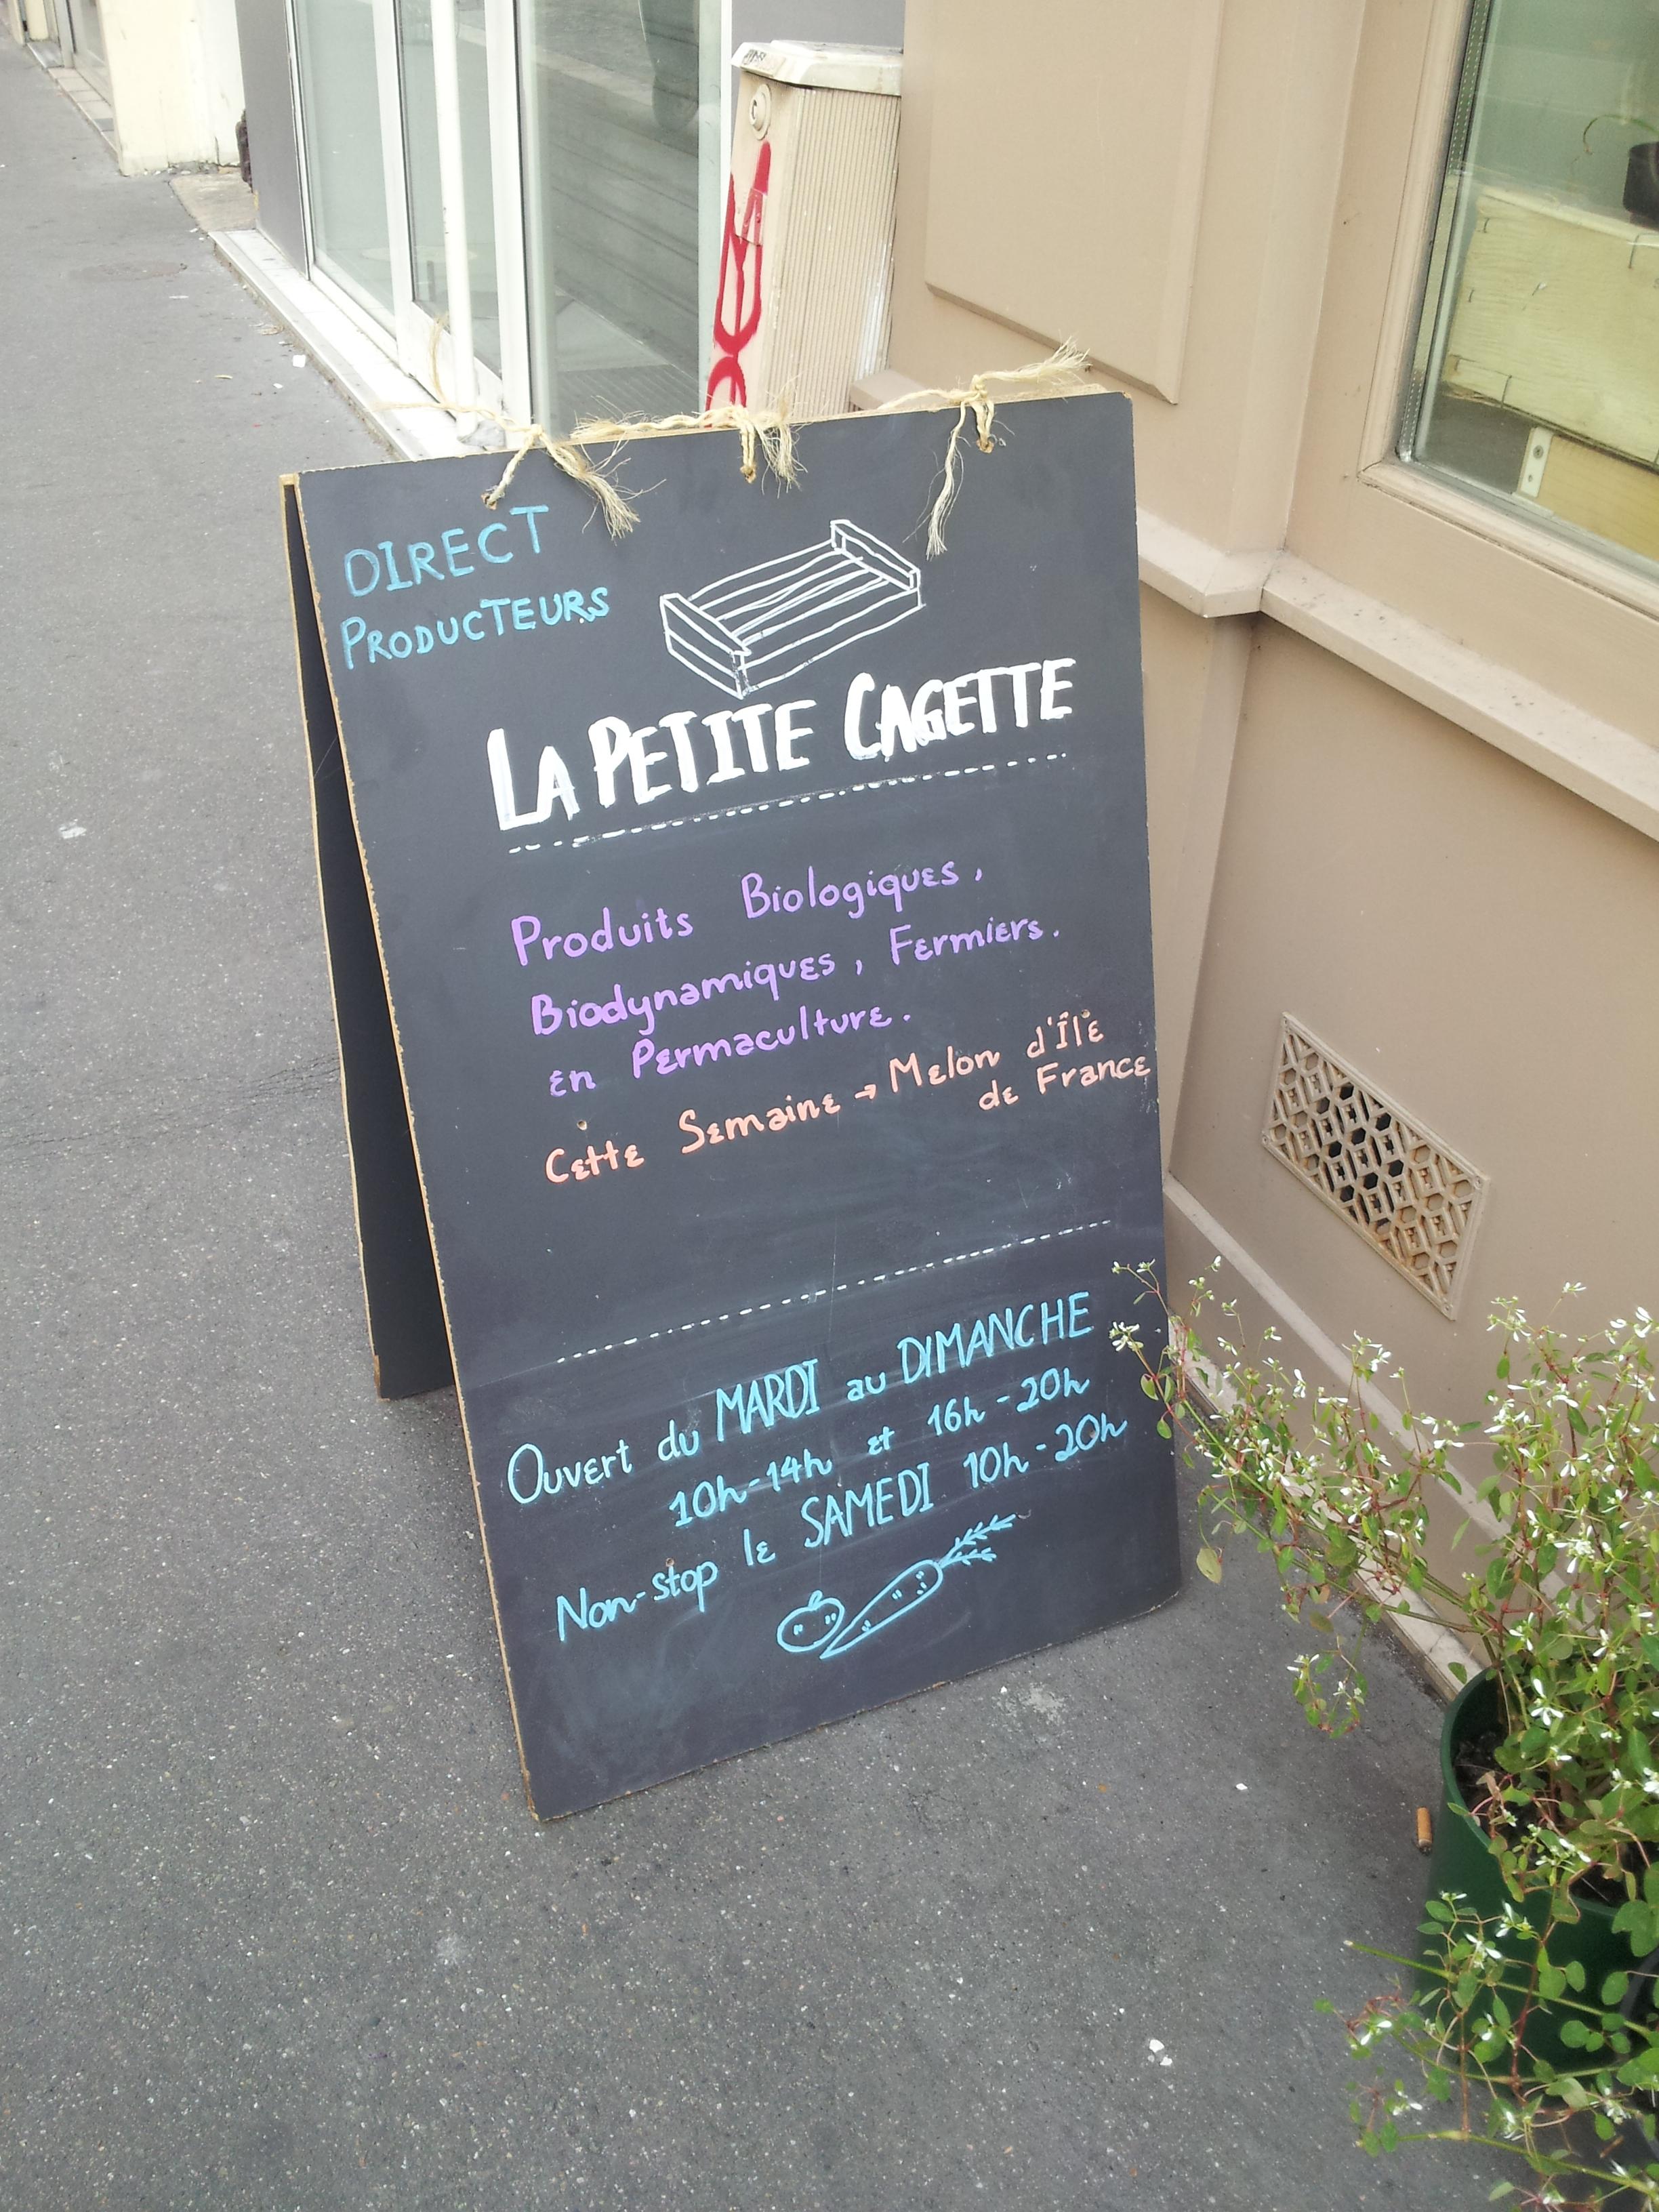 CBasilic- La Petite Cagette